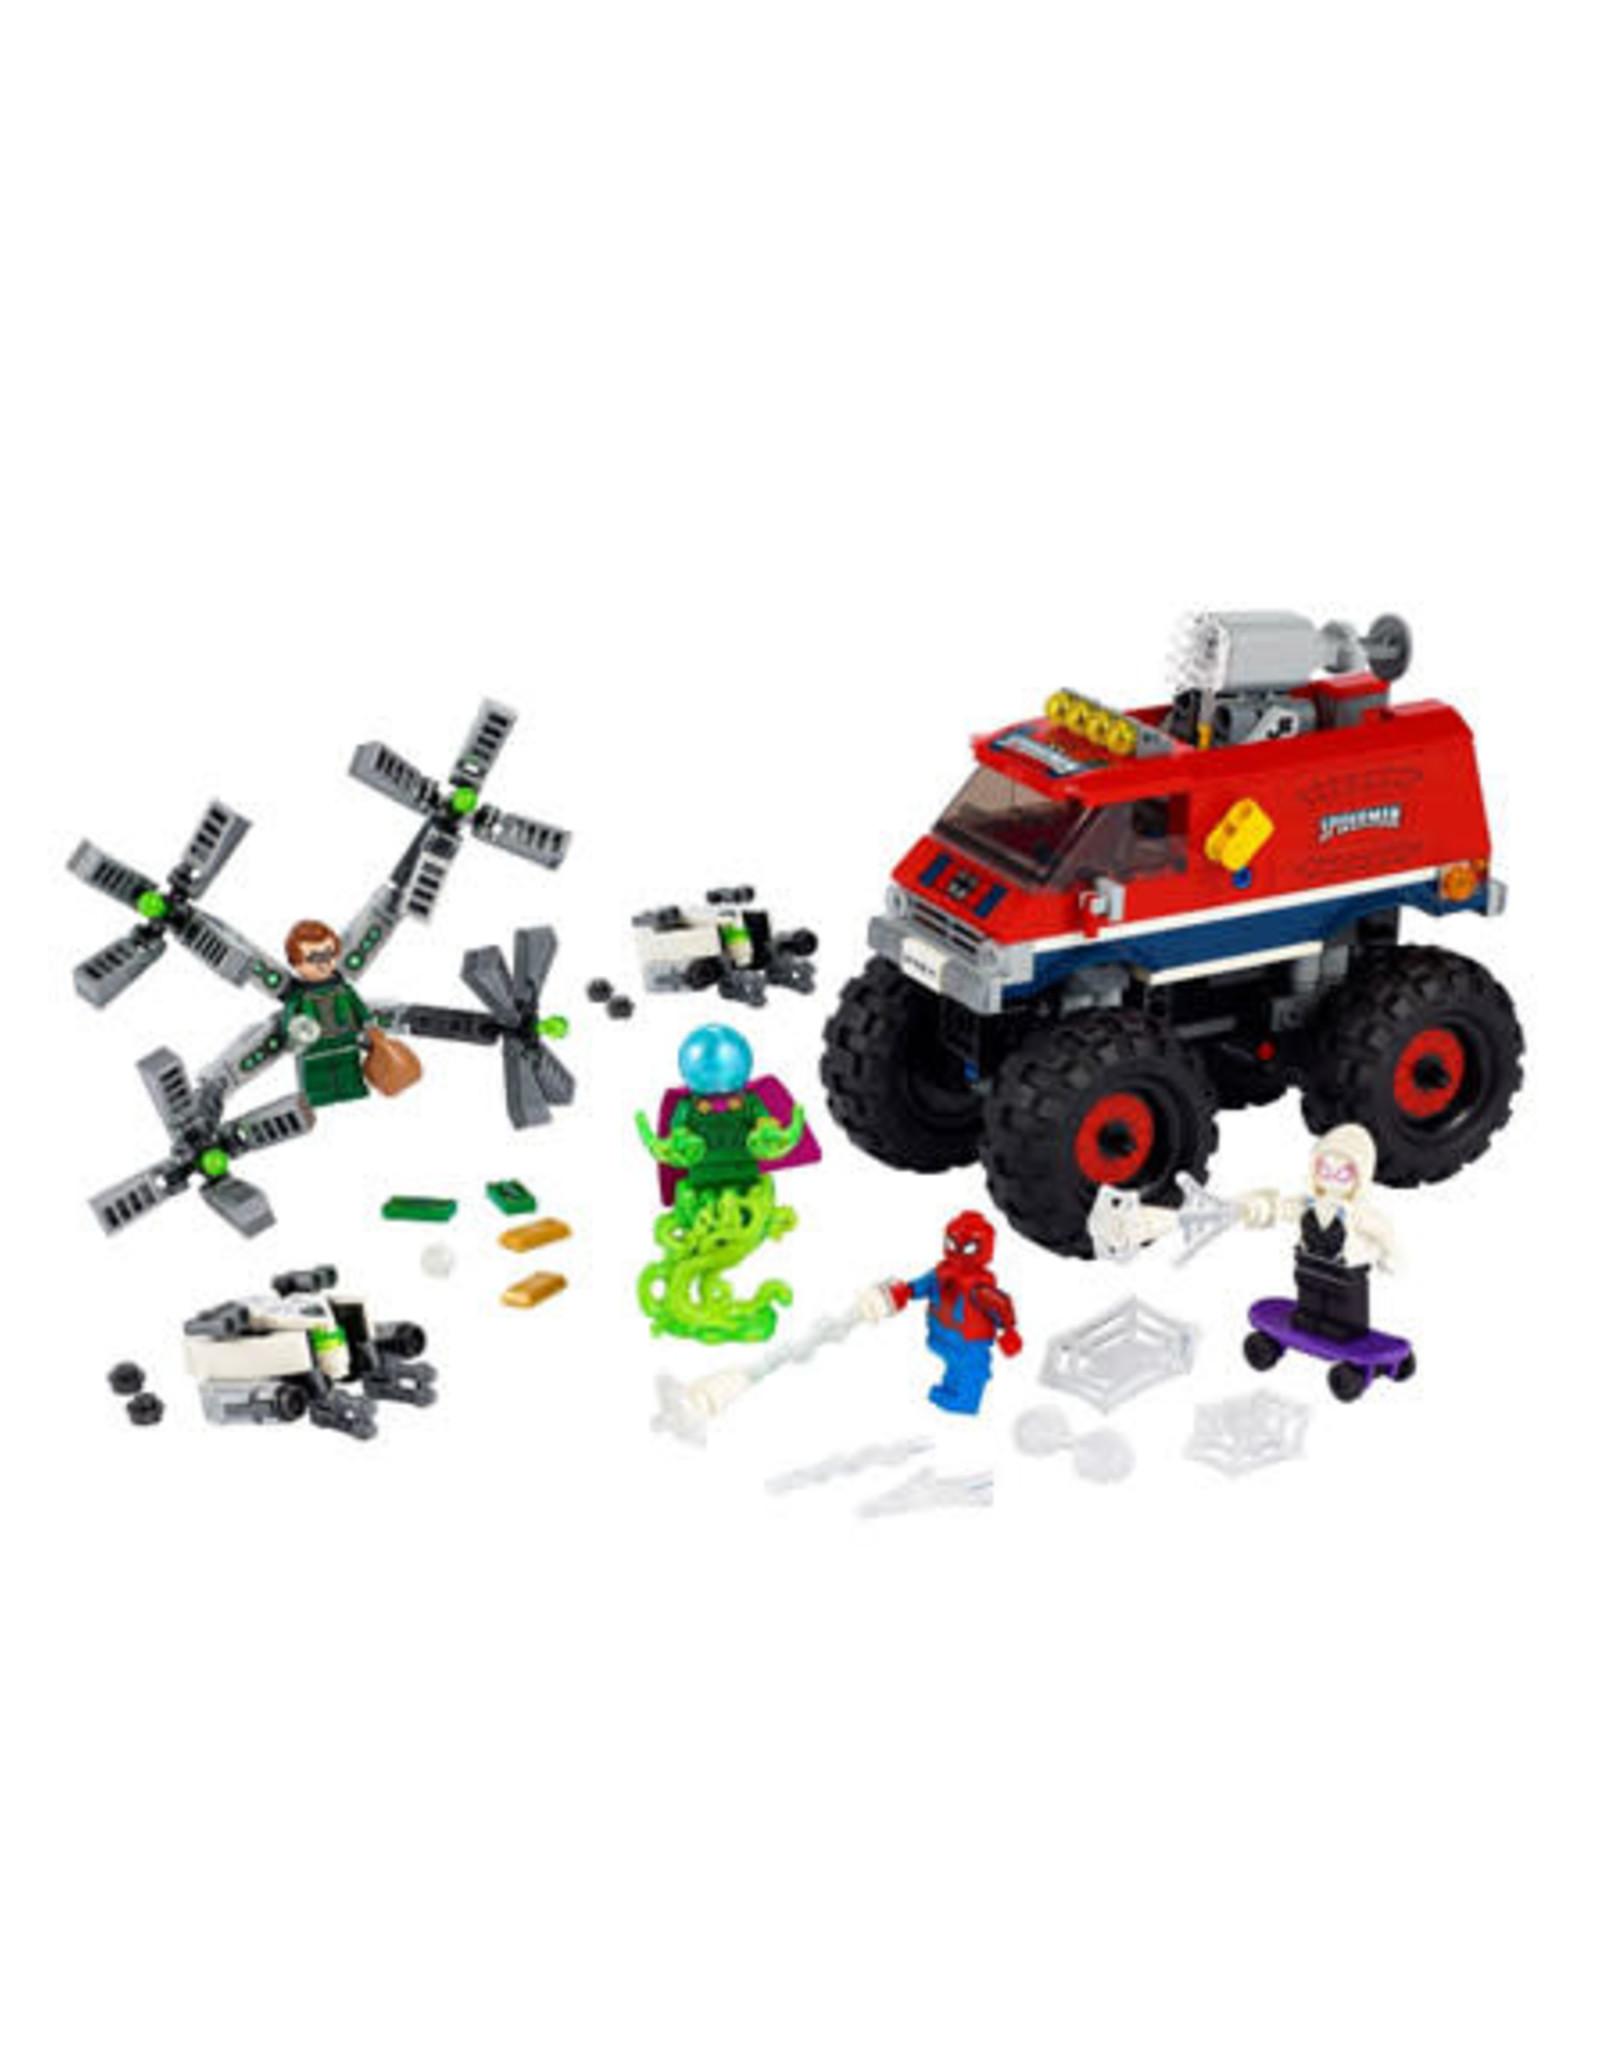 LEGO LEGO 76174 Spider-Man's Monster Truck vs. Mysterio SUPER HEROES NIEUW